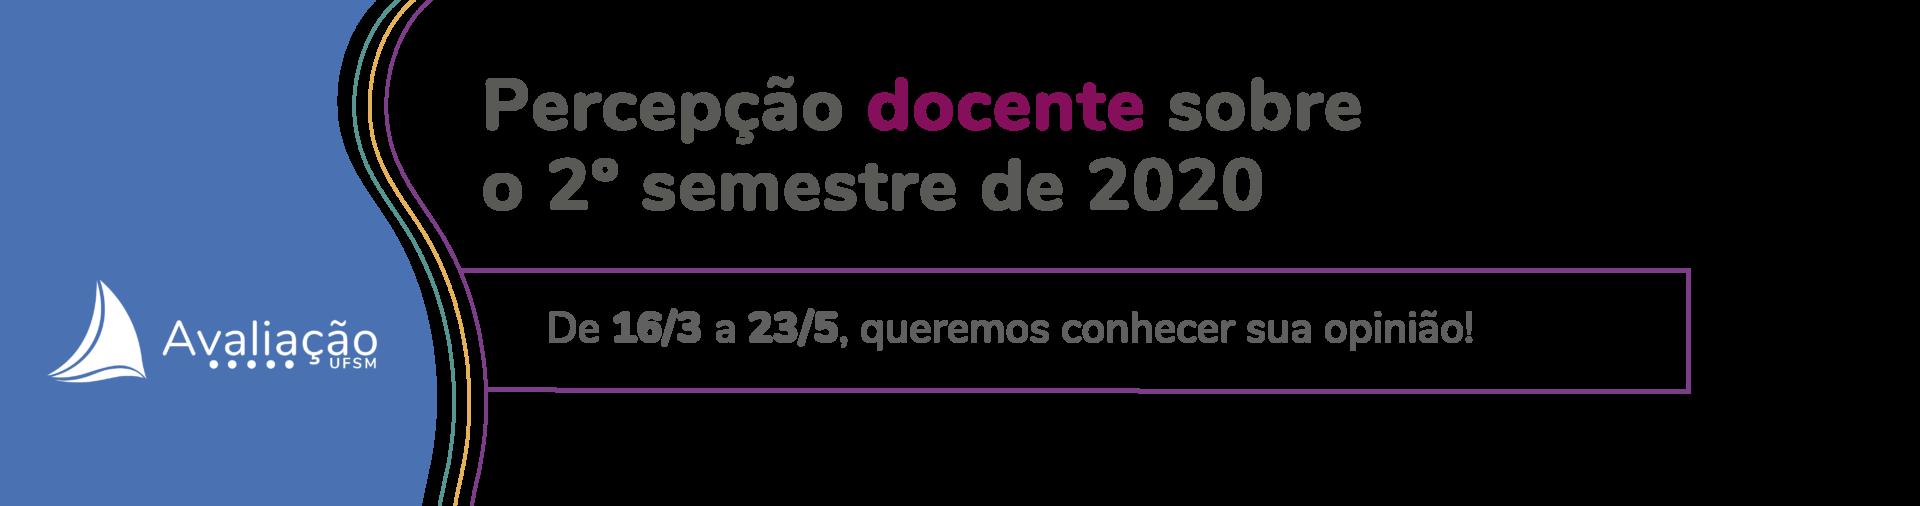 Banner branco com onda azul e texto: Percepção docente sobre o 2º semestre de 2020. De 16/3 a 18/4, queremos conhecer sua opinião!